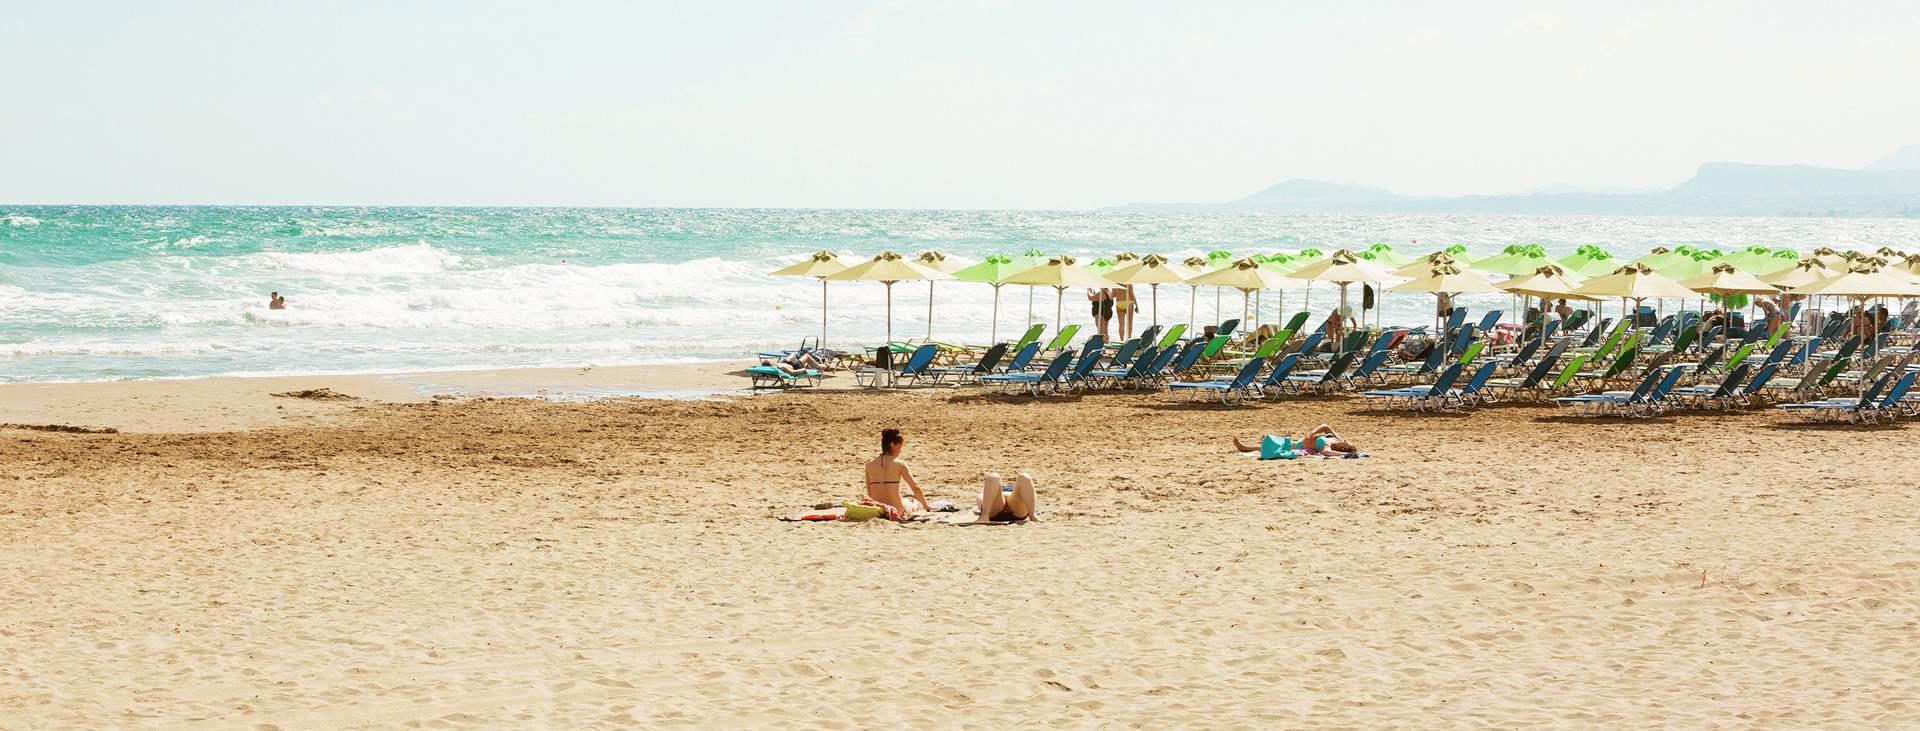 Boka en resa med All Inclusive till Rethymnon på Kreta